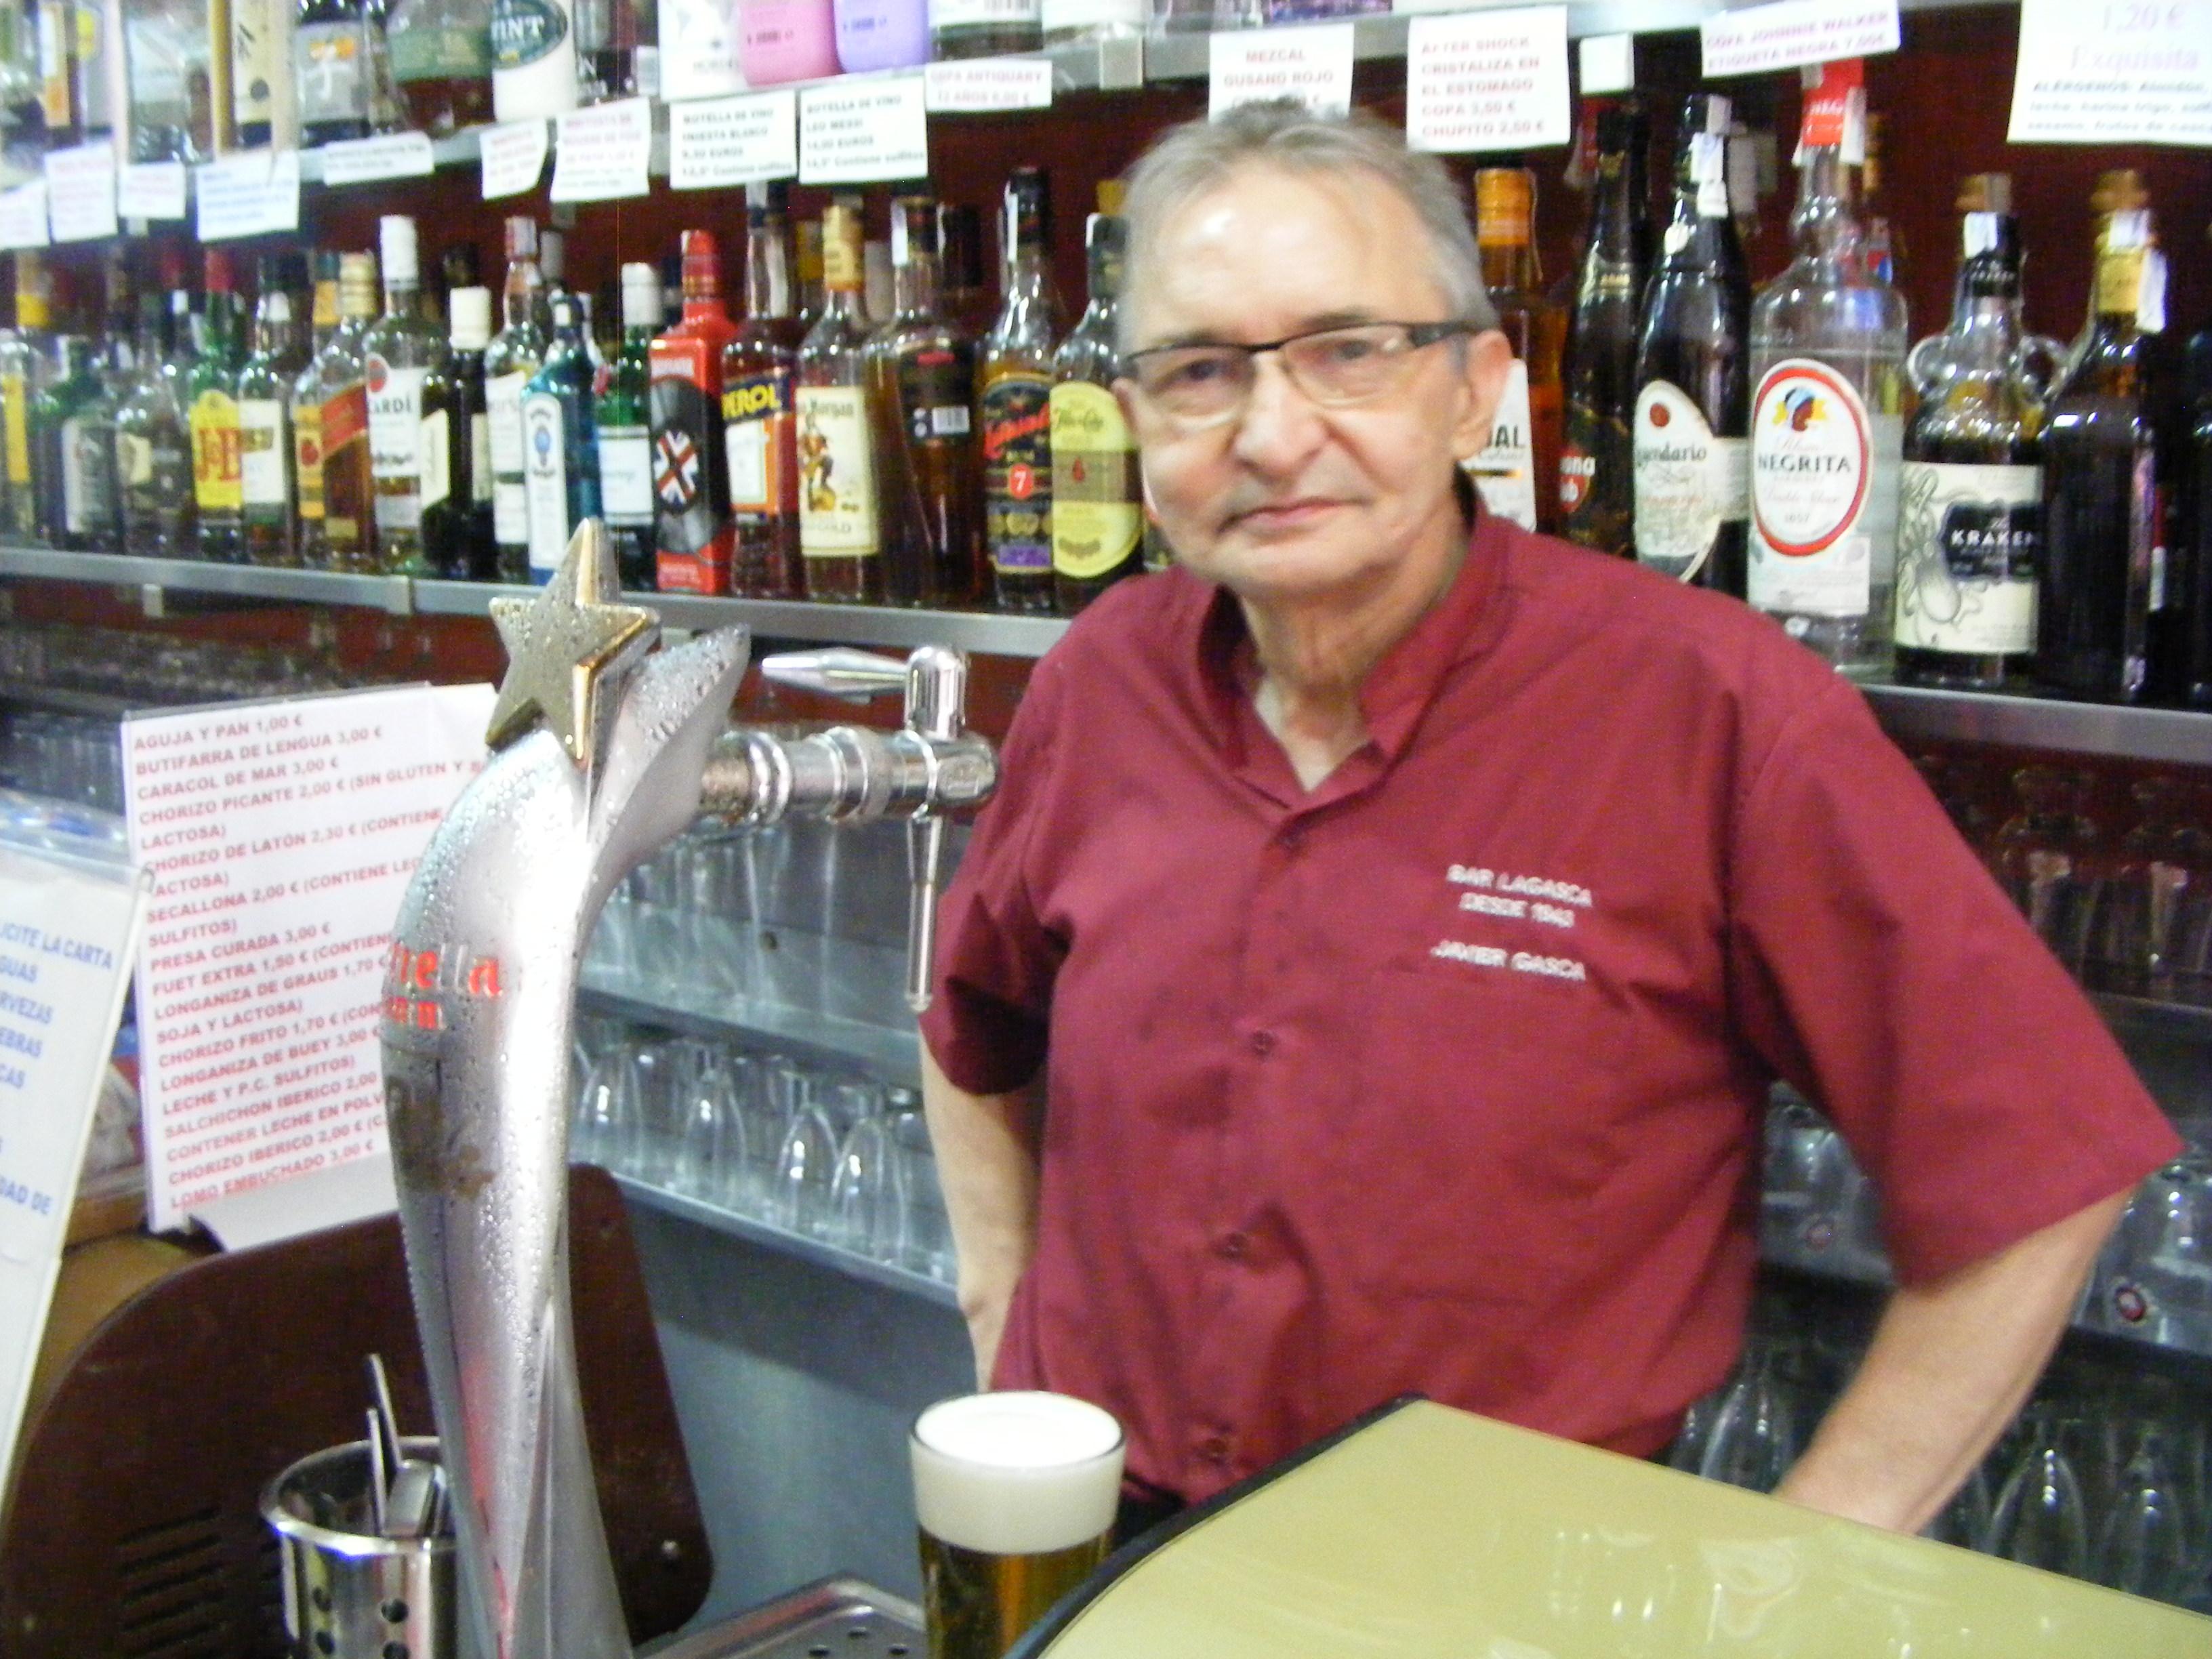 Imagen de Javier que es propietario de Bar La Gasca